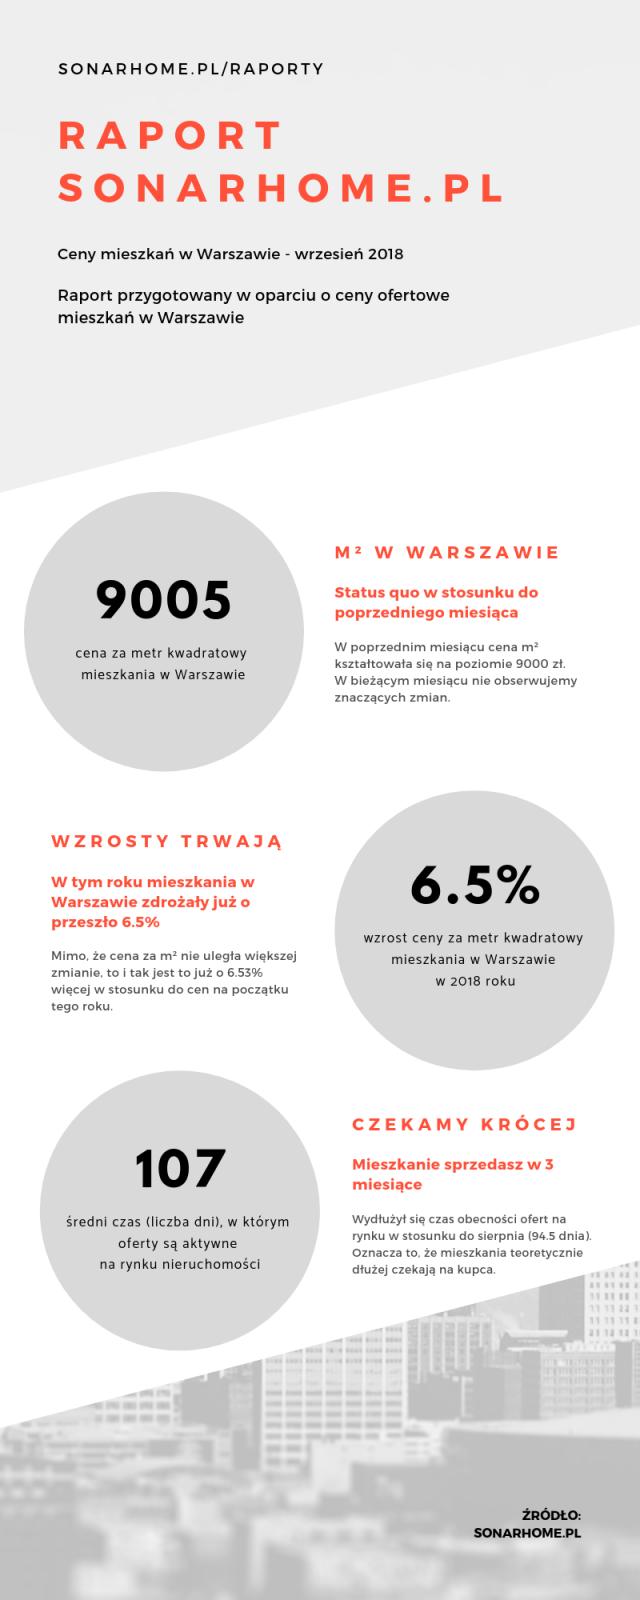 raport-sonarhome-pl-pazdziernik